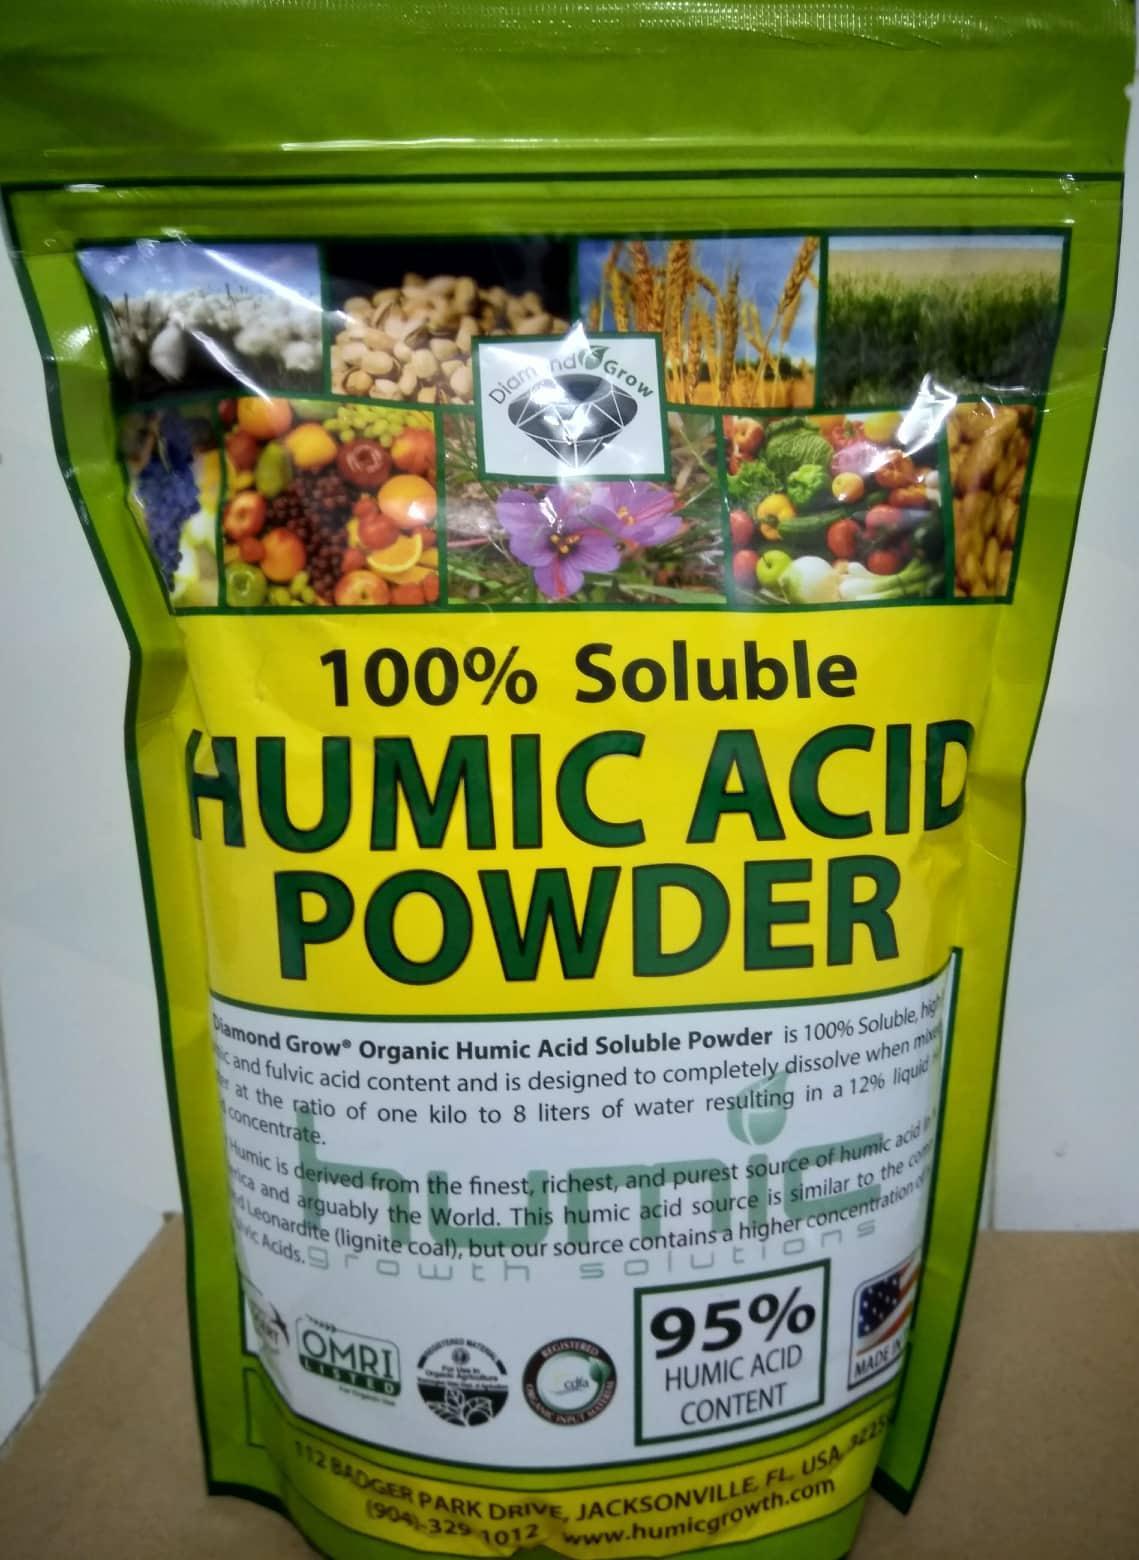 Phân sinh học Humic Acid Powder - Túi 1kg - Nhập khẩu trực tiếp từ Mỹ